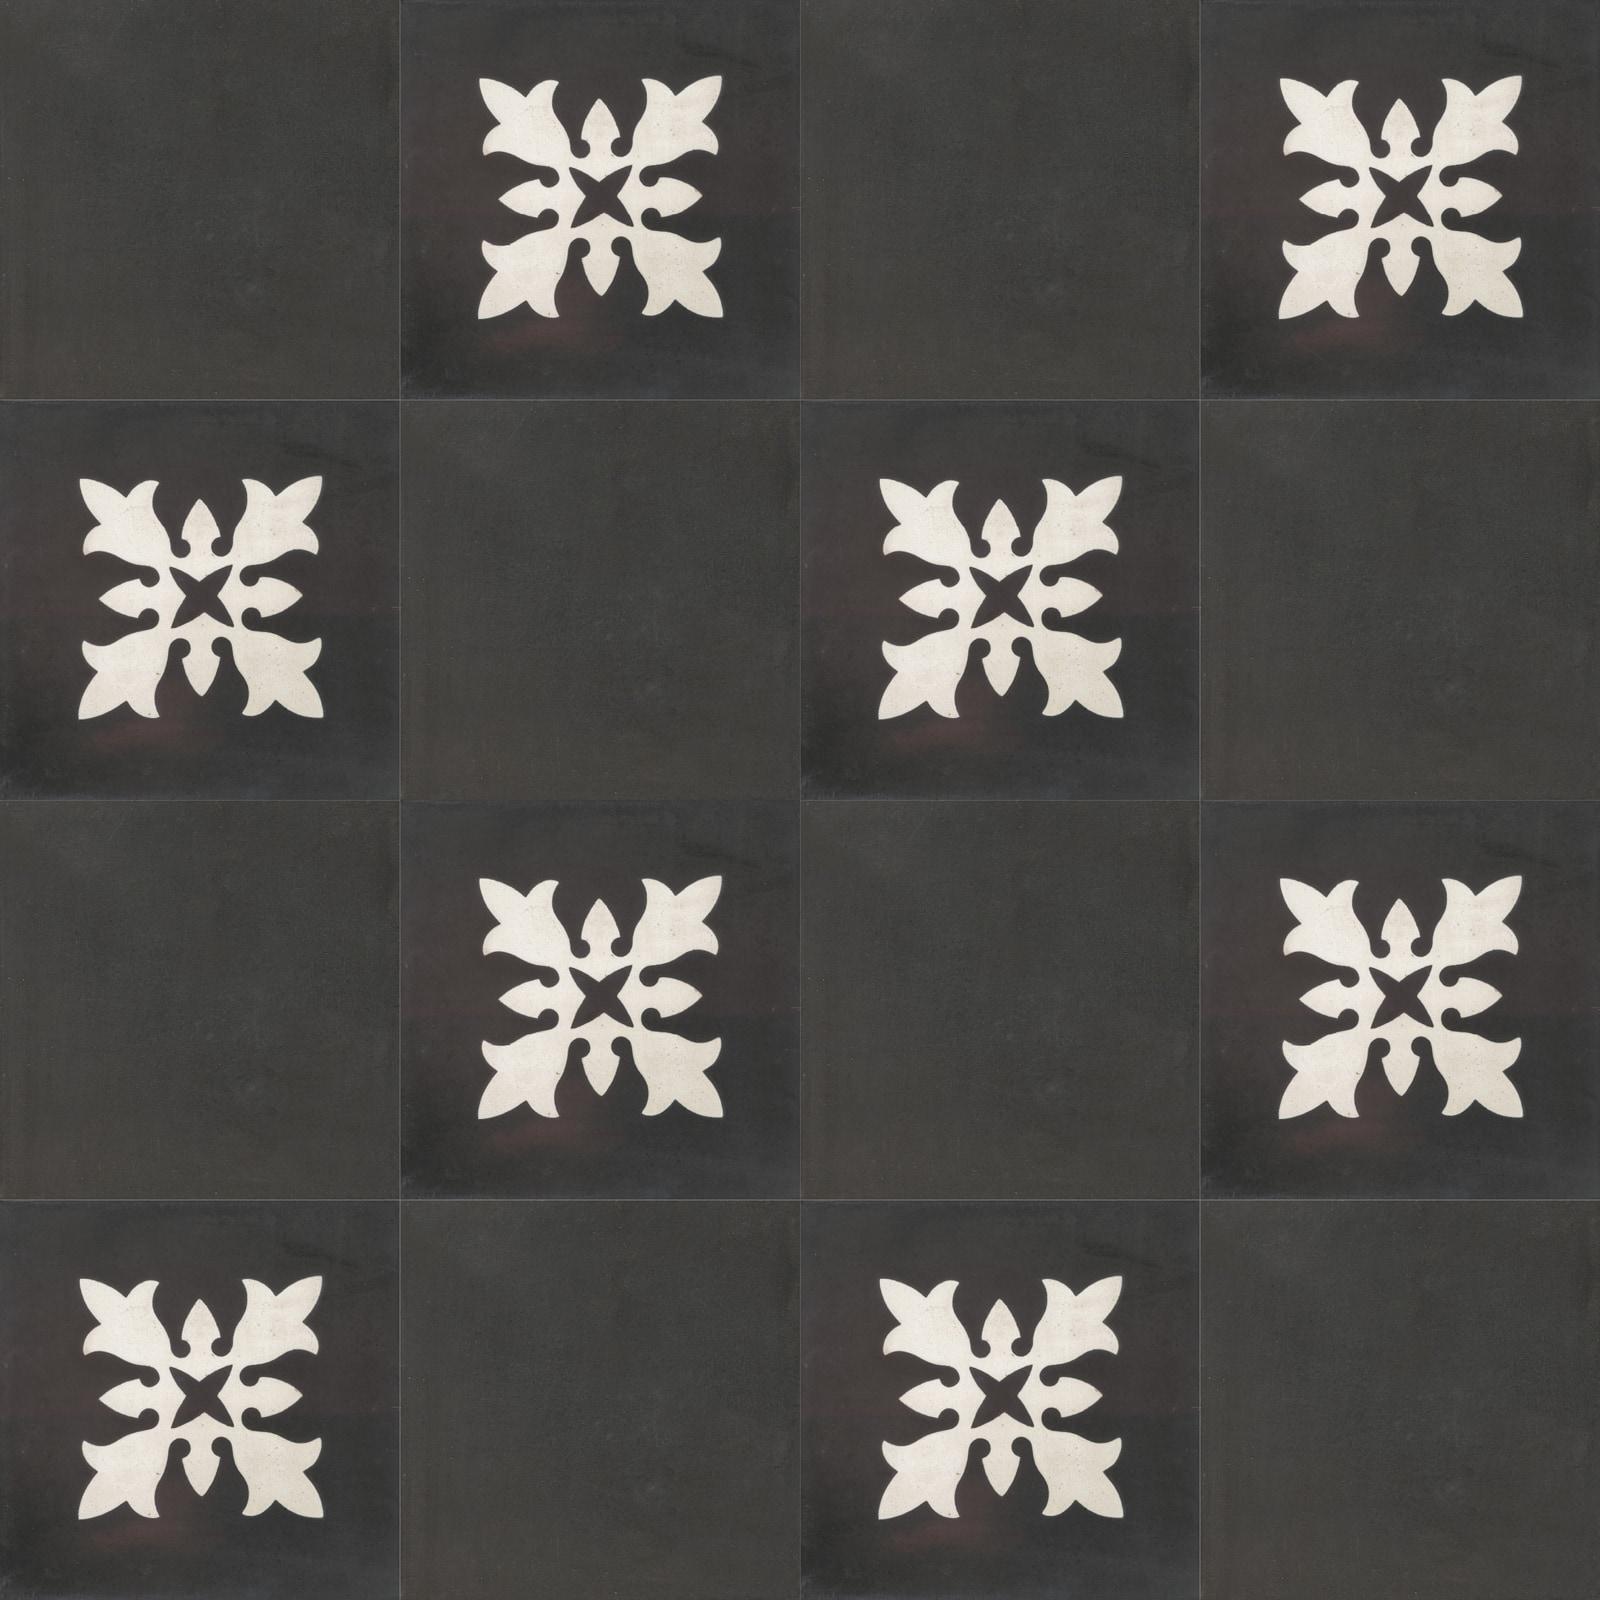 zementmosaikfliesen-nr.10960-viaplatten | 10960